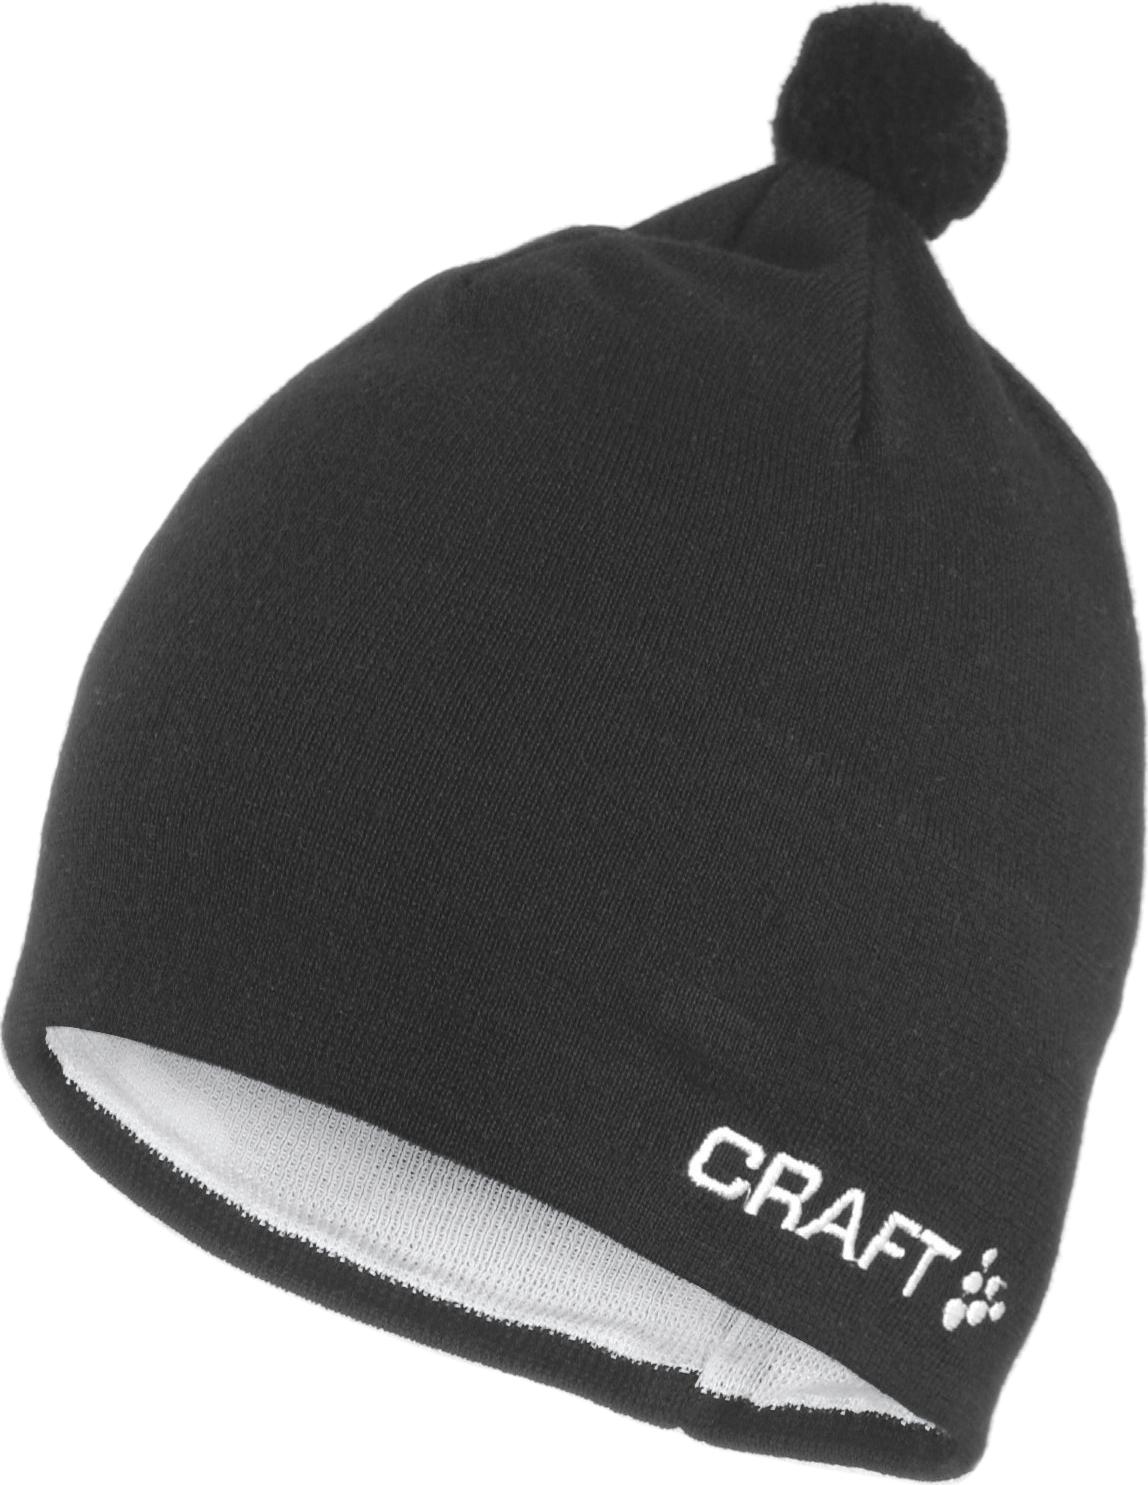 ...спортивная одежда - шапка спортивная crat 199172-1999.